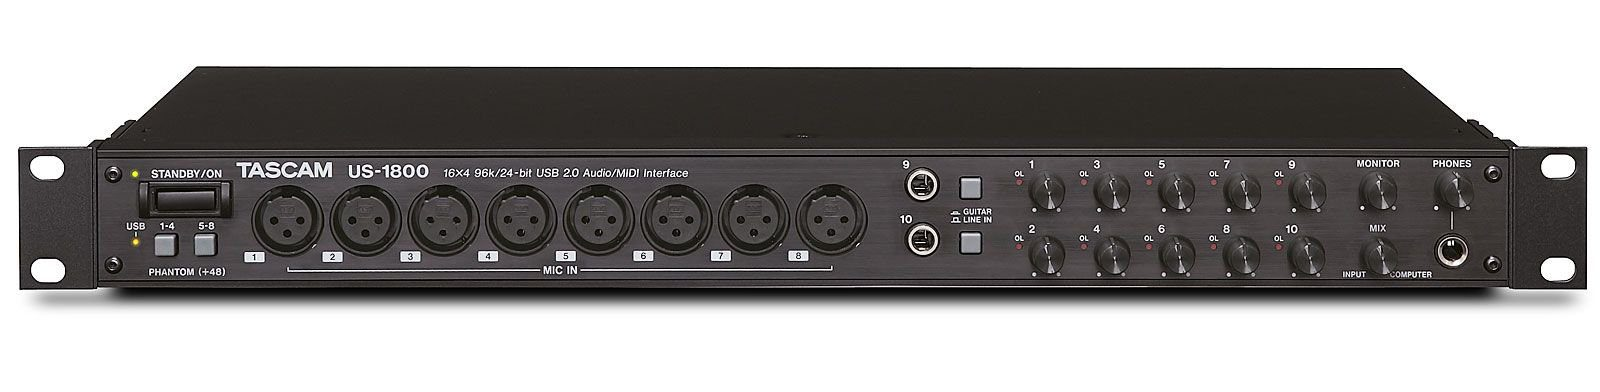 test tascam us 1800 audio interface. Black Bedroom Furniture Sets. Home Design Ideas